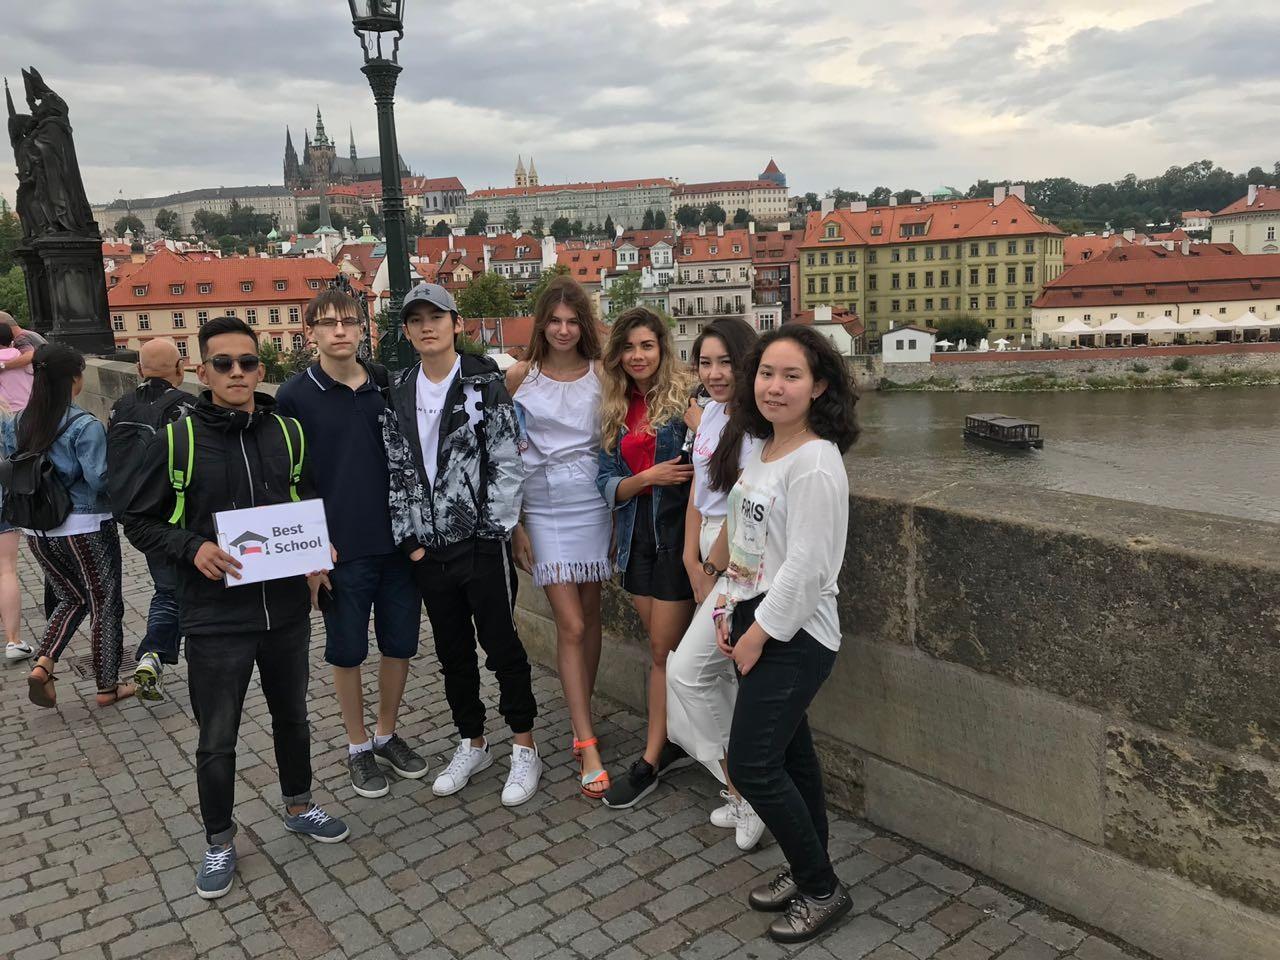 img 20180728 wa0001 - Летние каникулы в Чехии 2018, 2019